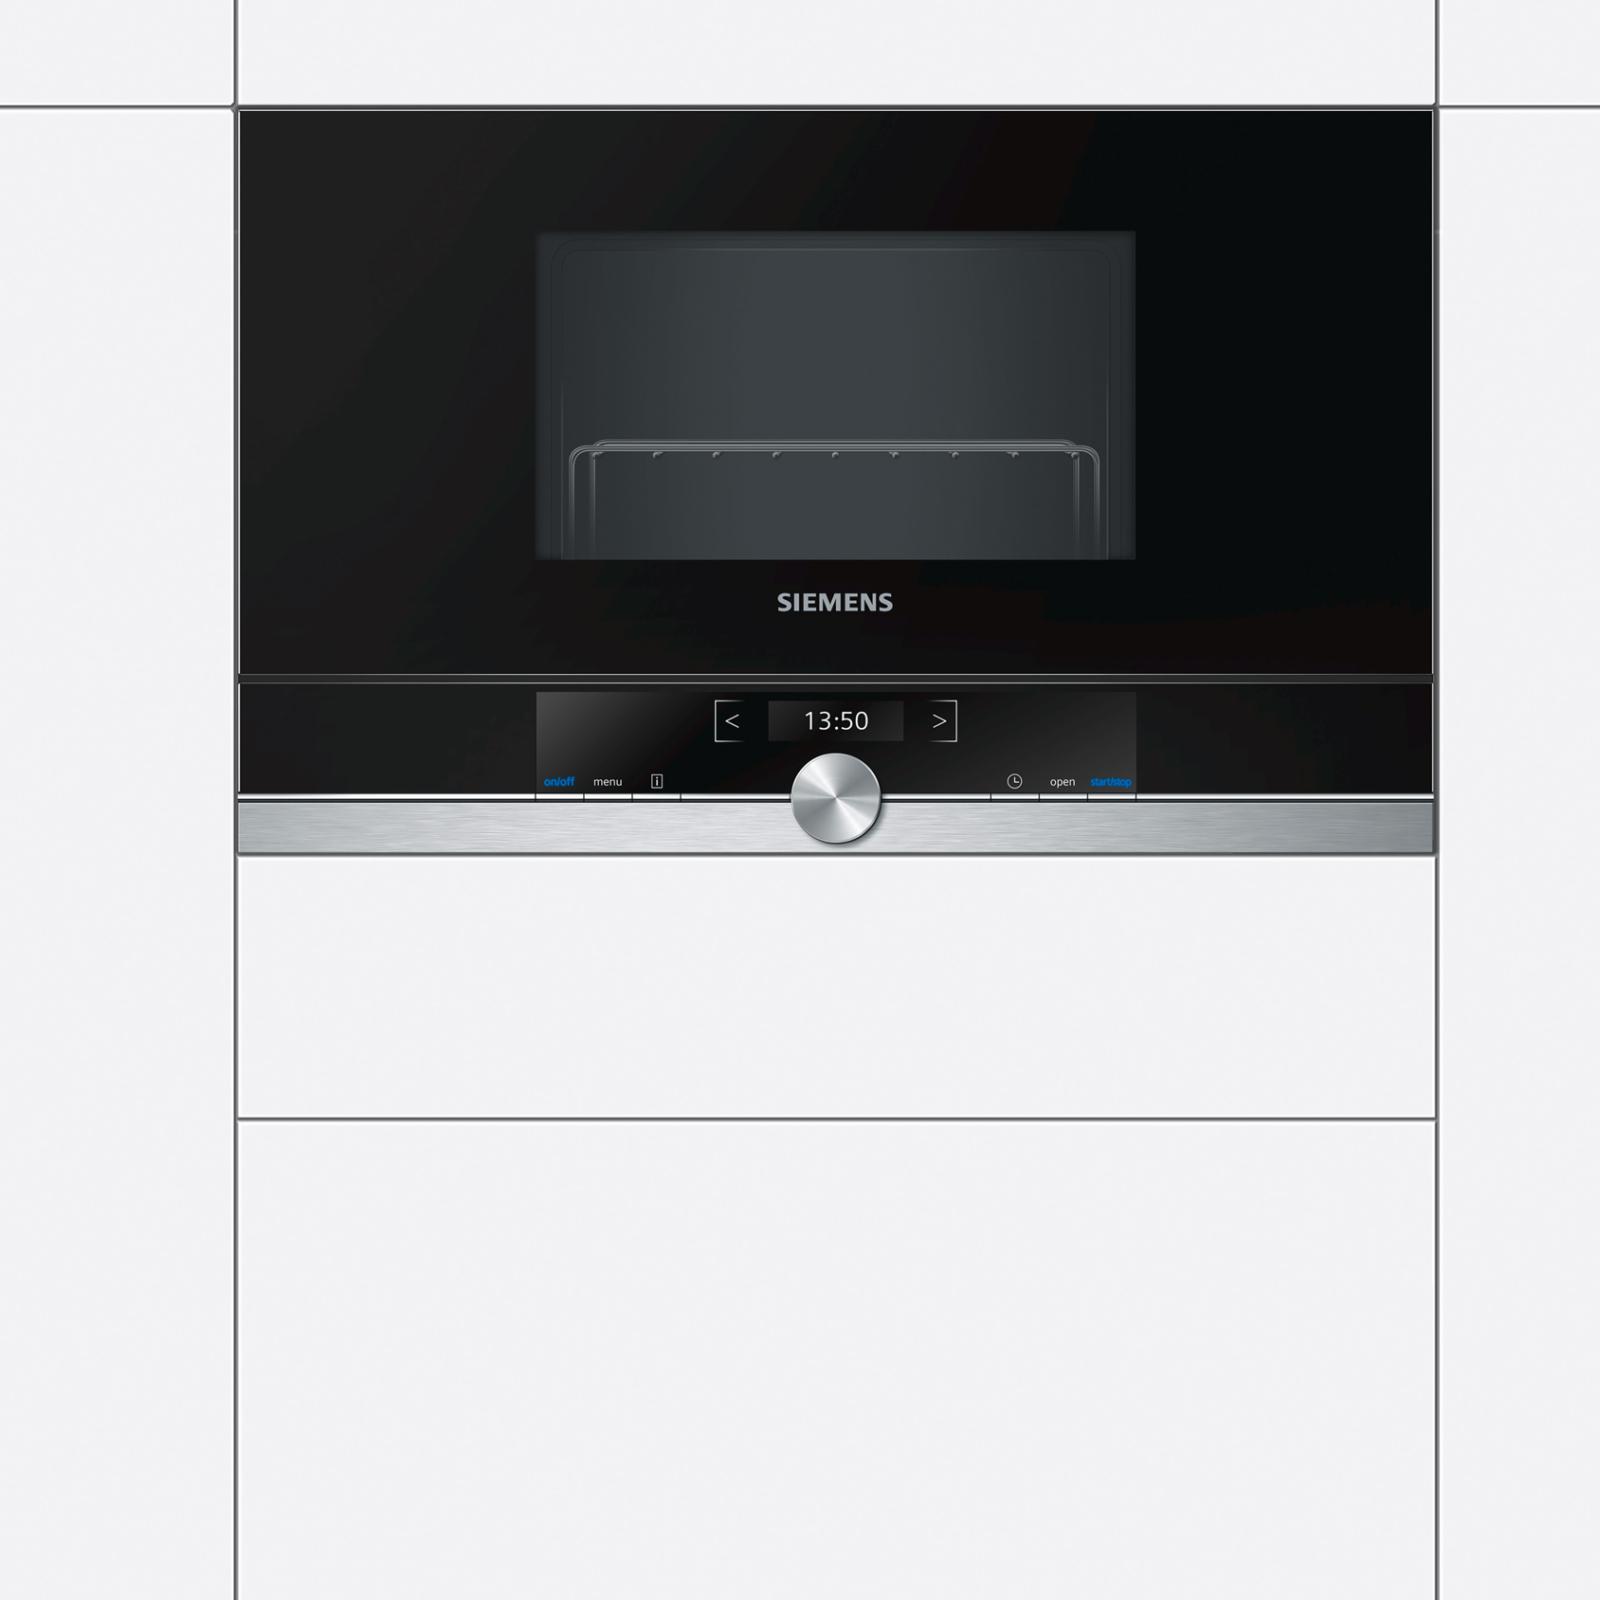 Микроволновая печь Siemens BE 634 RGS1 (BE634RGS1) изображение 2